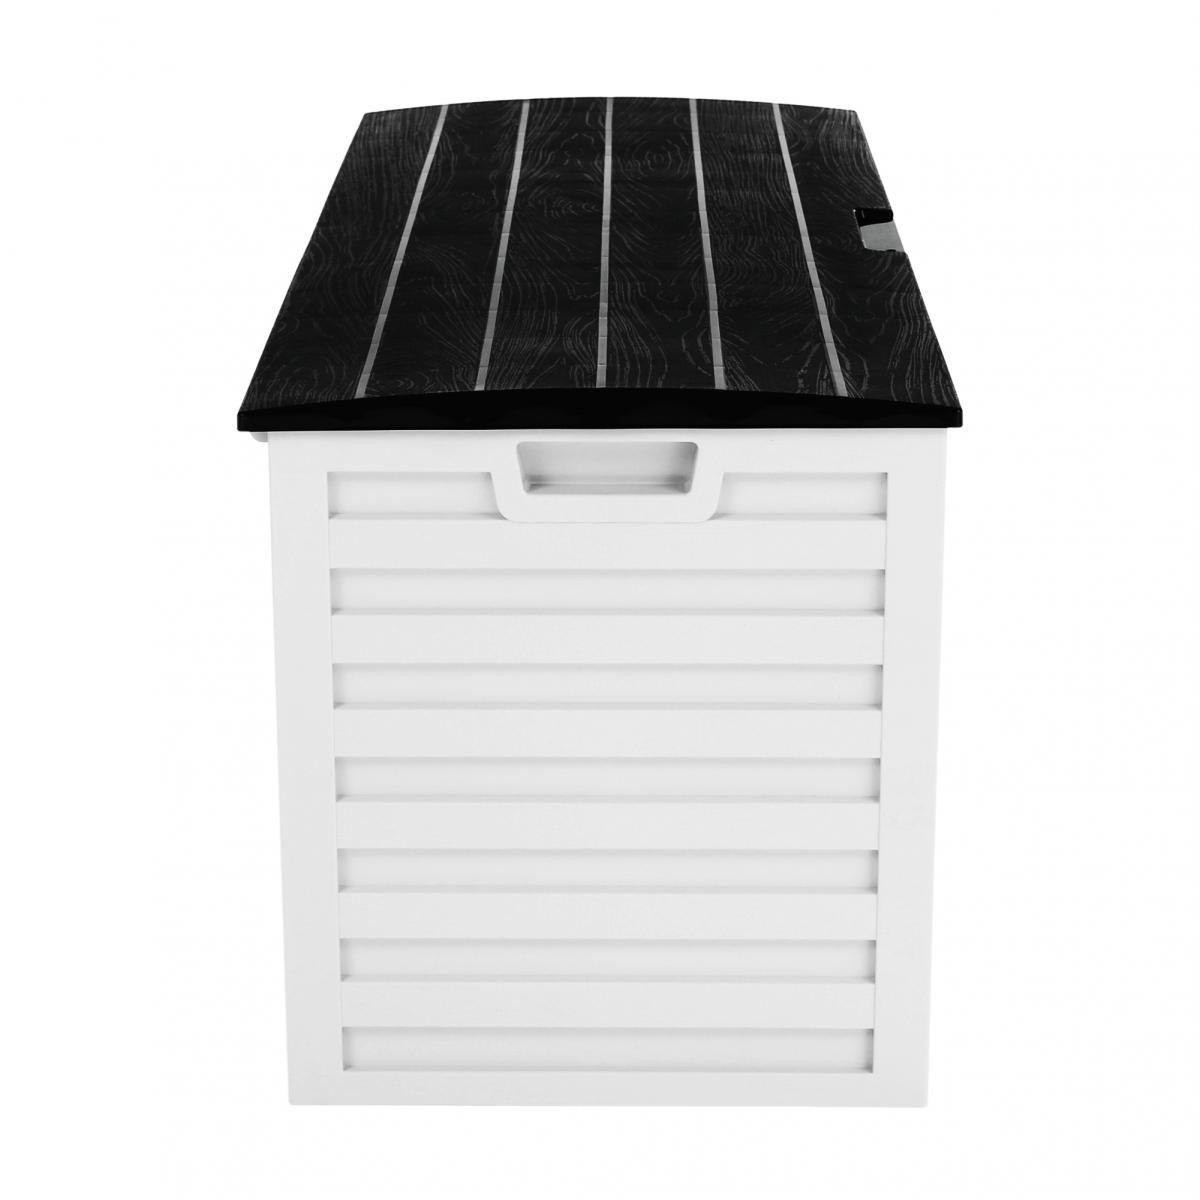 Kerti tároló doboz, fehér/fekete, PADMO